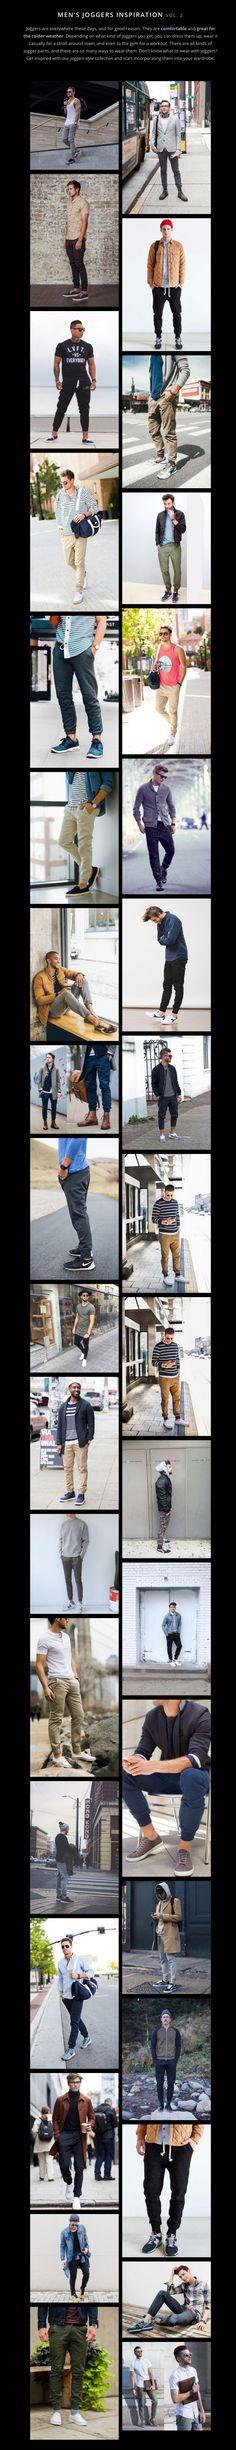 Men's Joggers Inspiration vol. 2